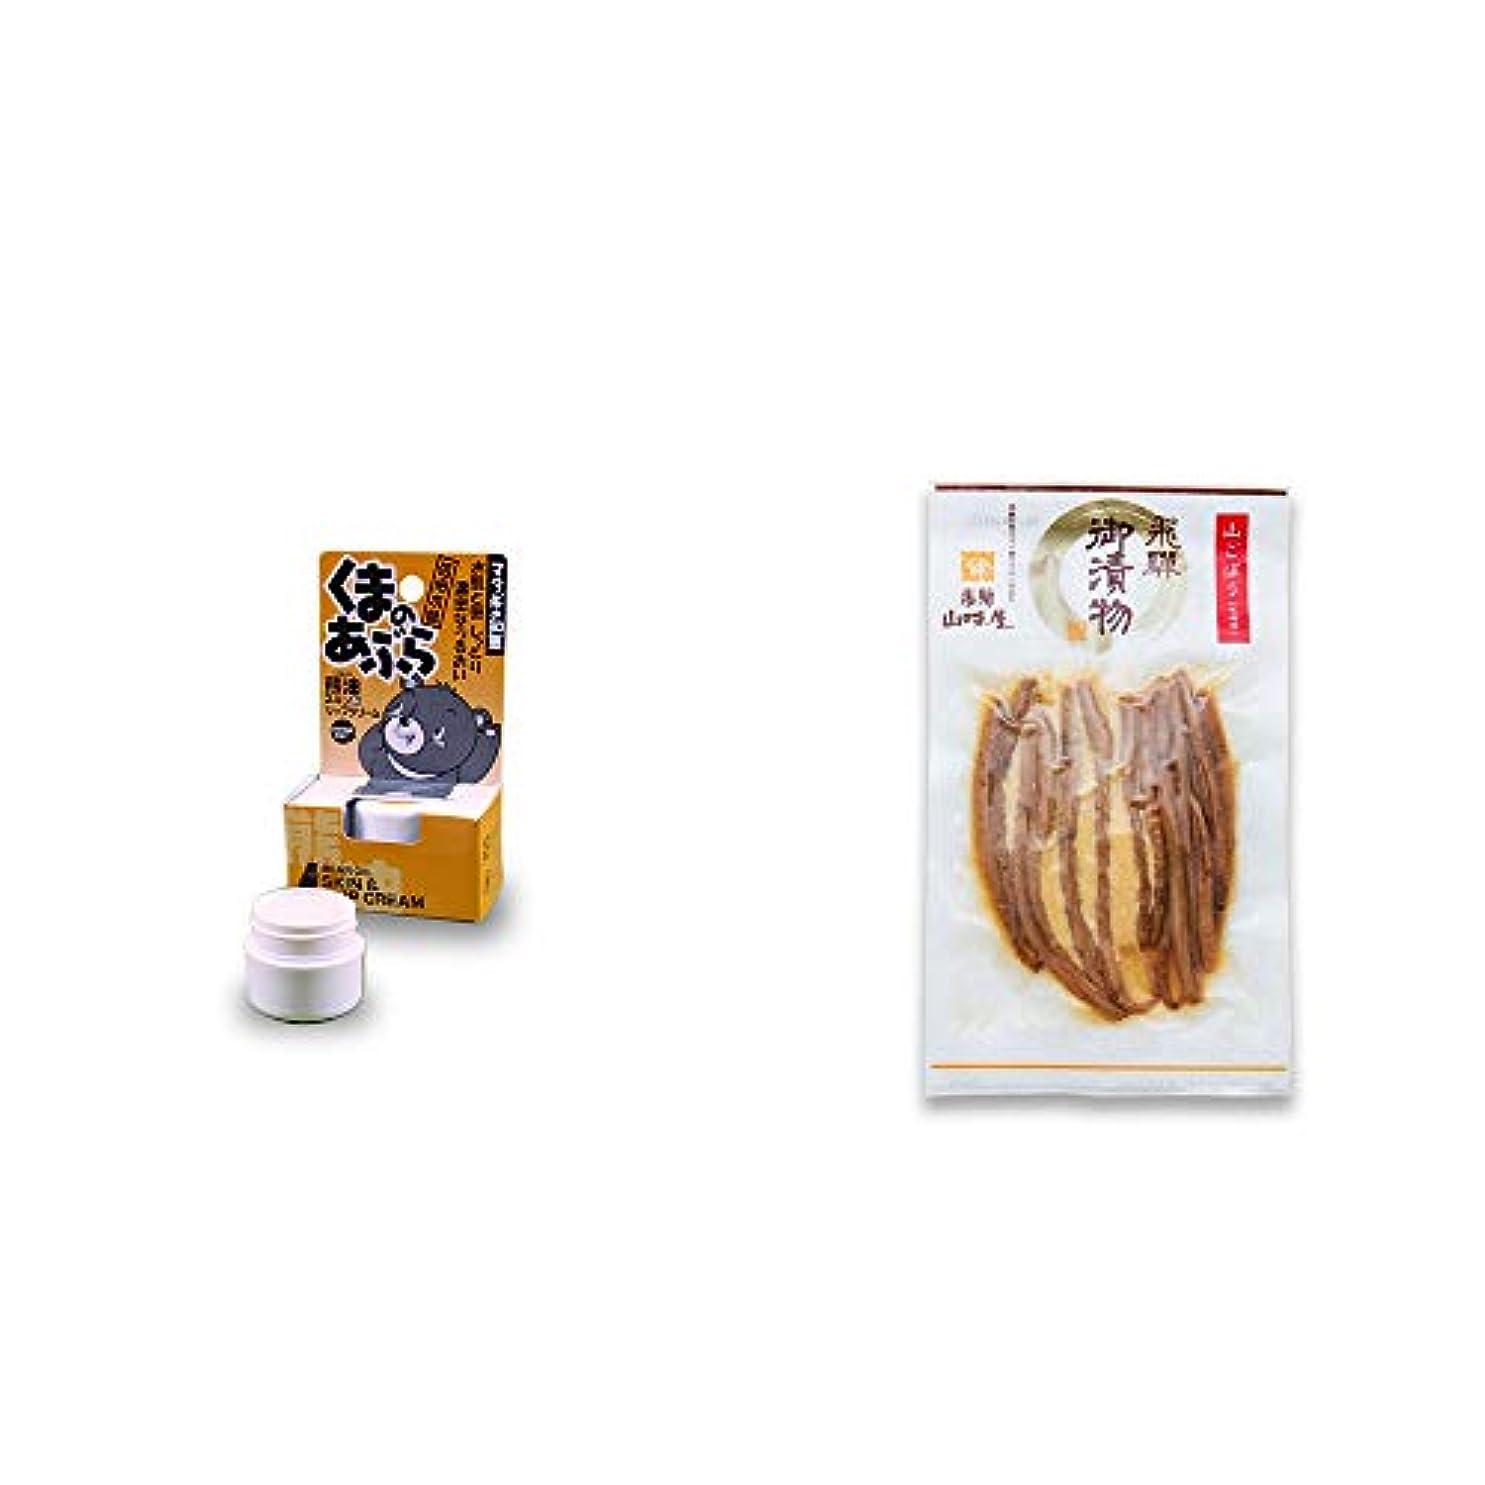 ディレクトリ宣伝ドライ[2点セット] 信州木曽 くまのあぶら 熊油スキン&リップクリーム(9g)?飛騨山味屋 山ごぼう味噌漬(80g)